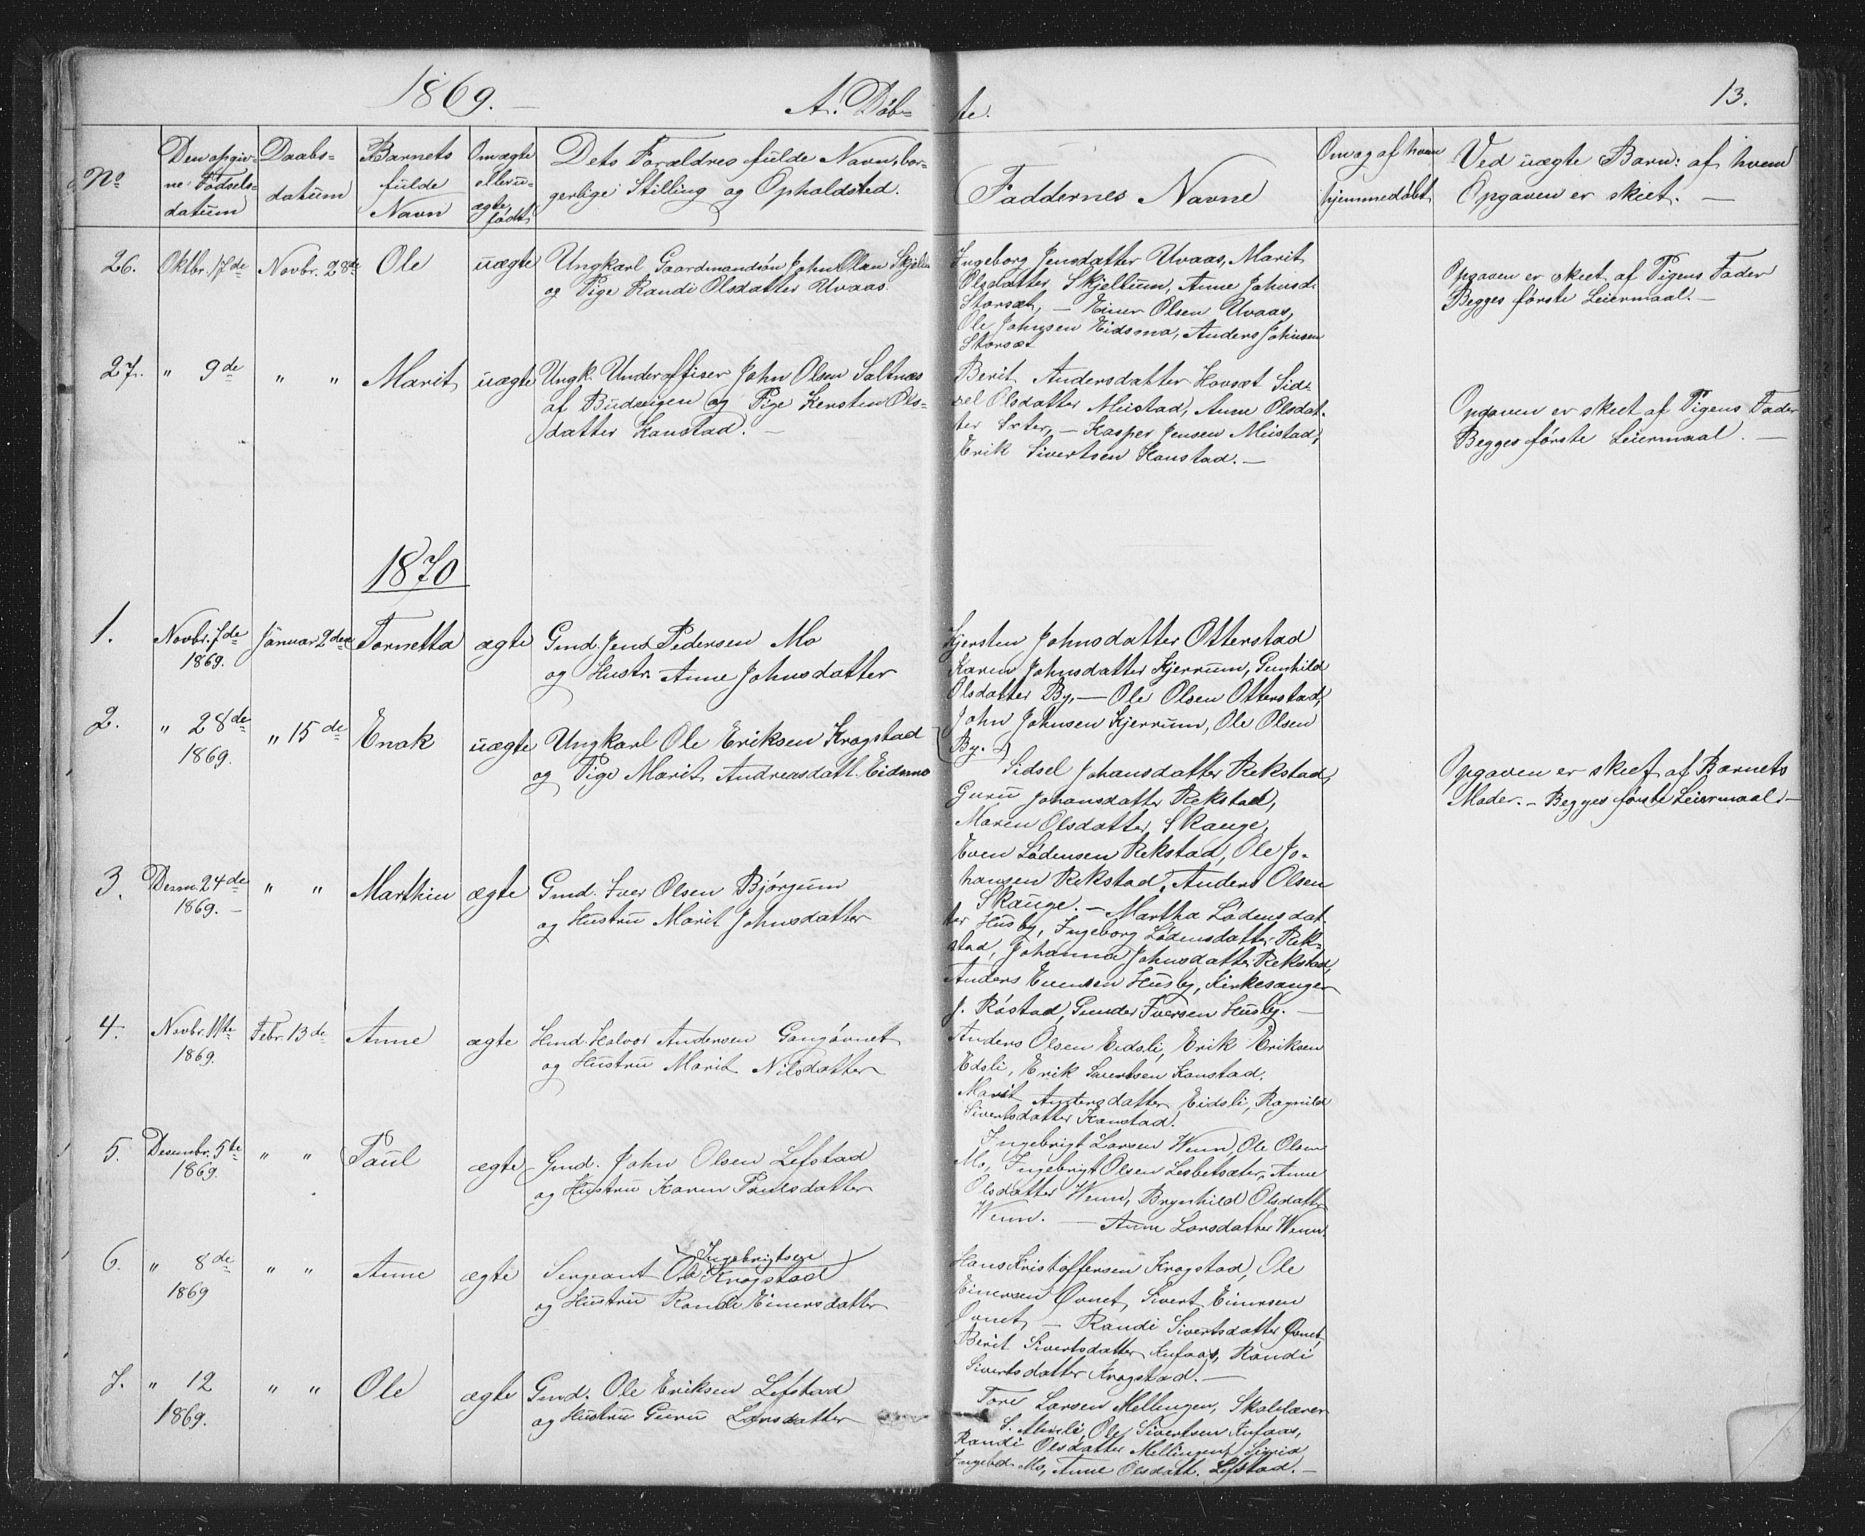 SAT, Ministerialprotokoller, klokkerbøker og fødselsregistre - Sør-Trøndelag, 667/L0798: Klokkerbok nr. 667C03, 1867-1929, s. 13